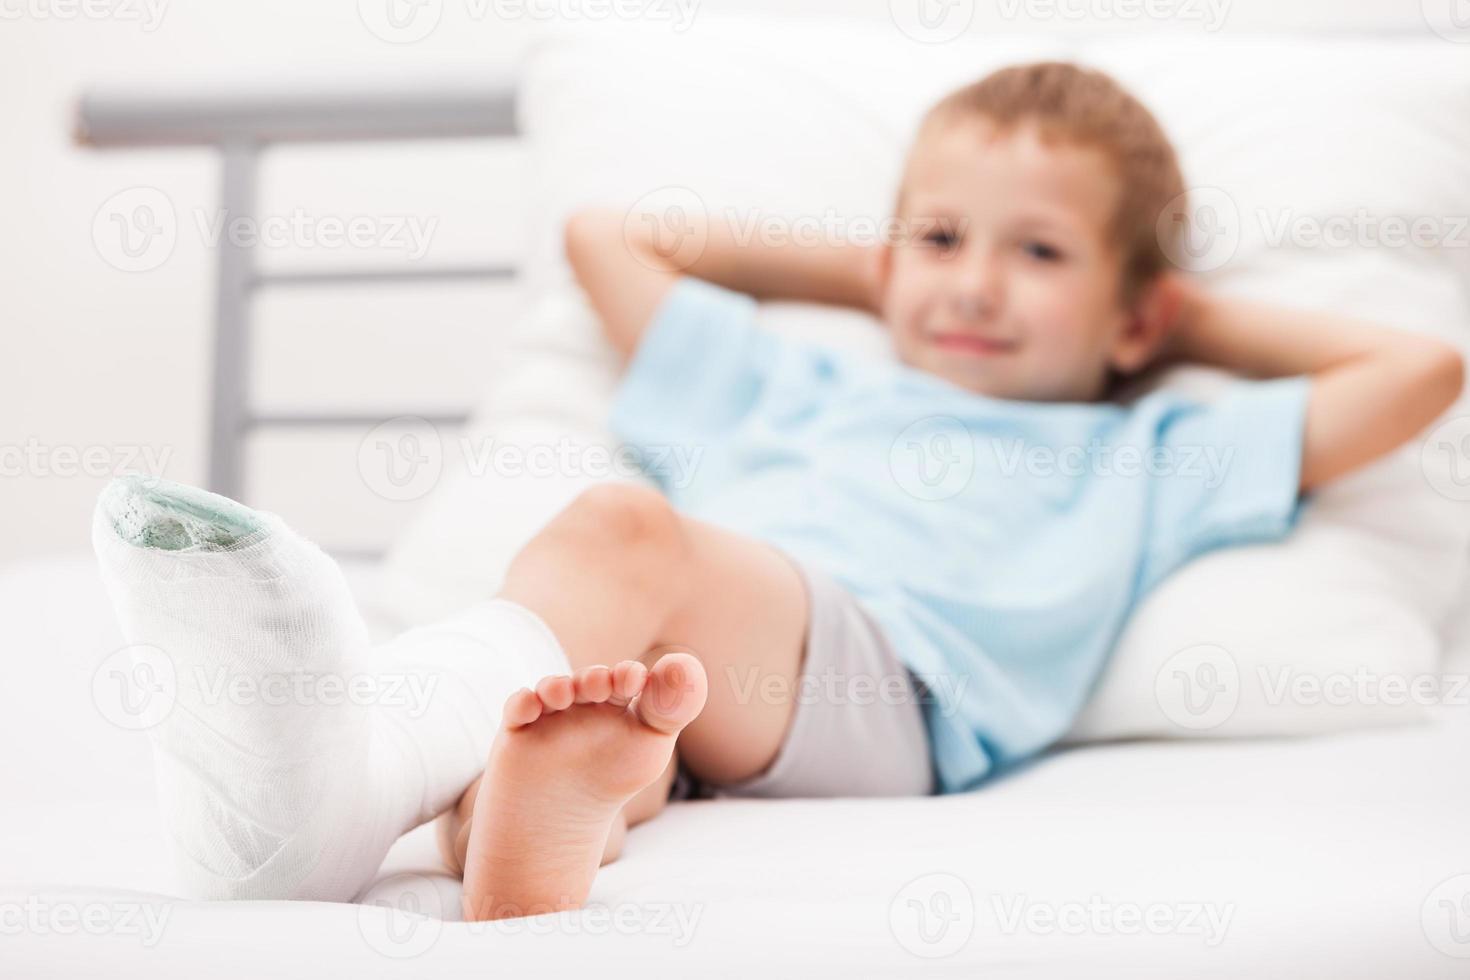 fratura no calcanhar da perna da criança ou atadura de gesso de osso do pé quebrado foto